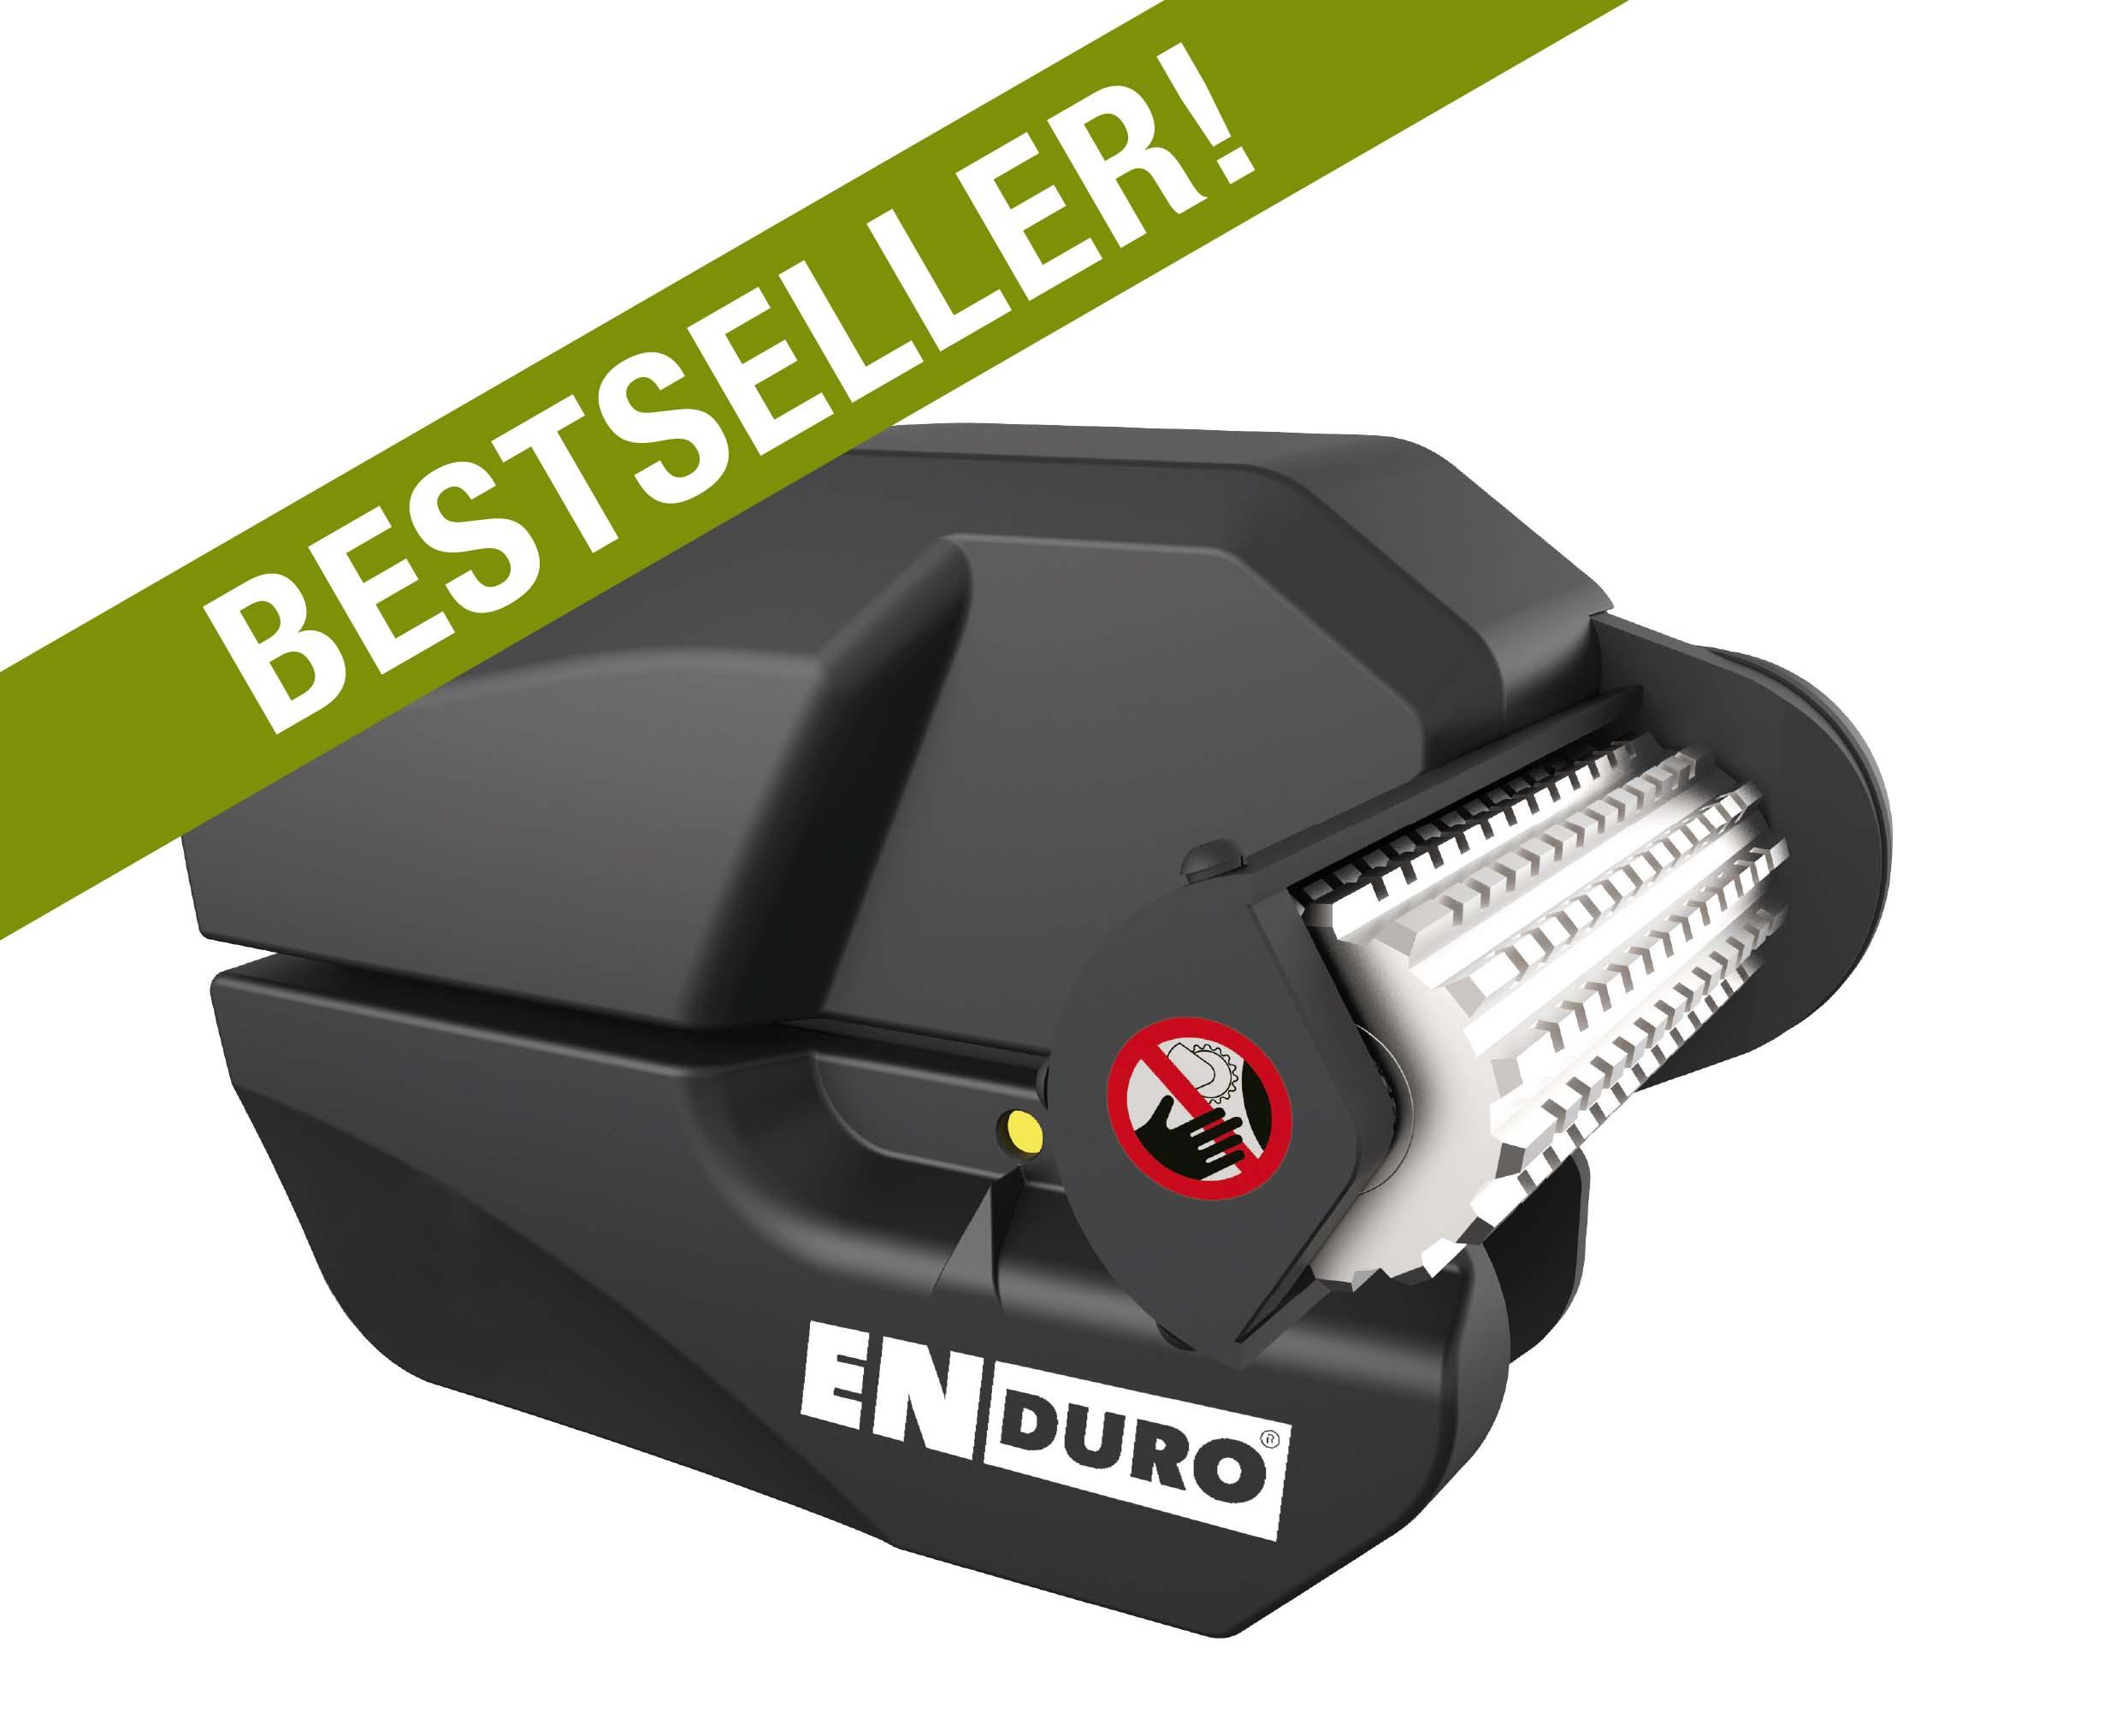 91658 EM303A+ Bestseller (002)